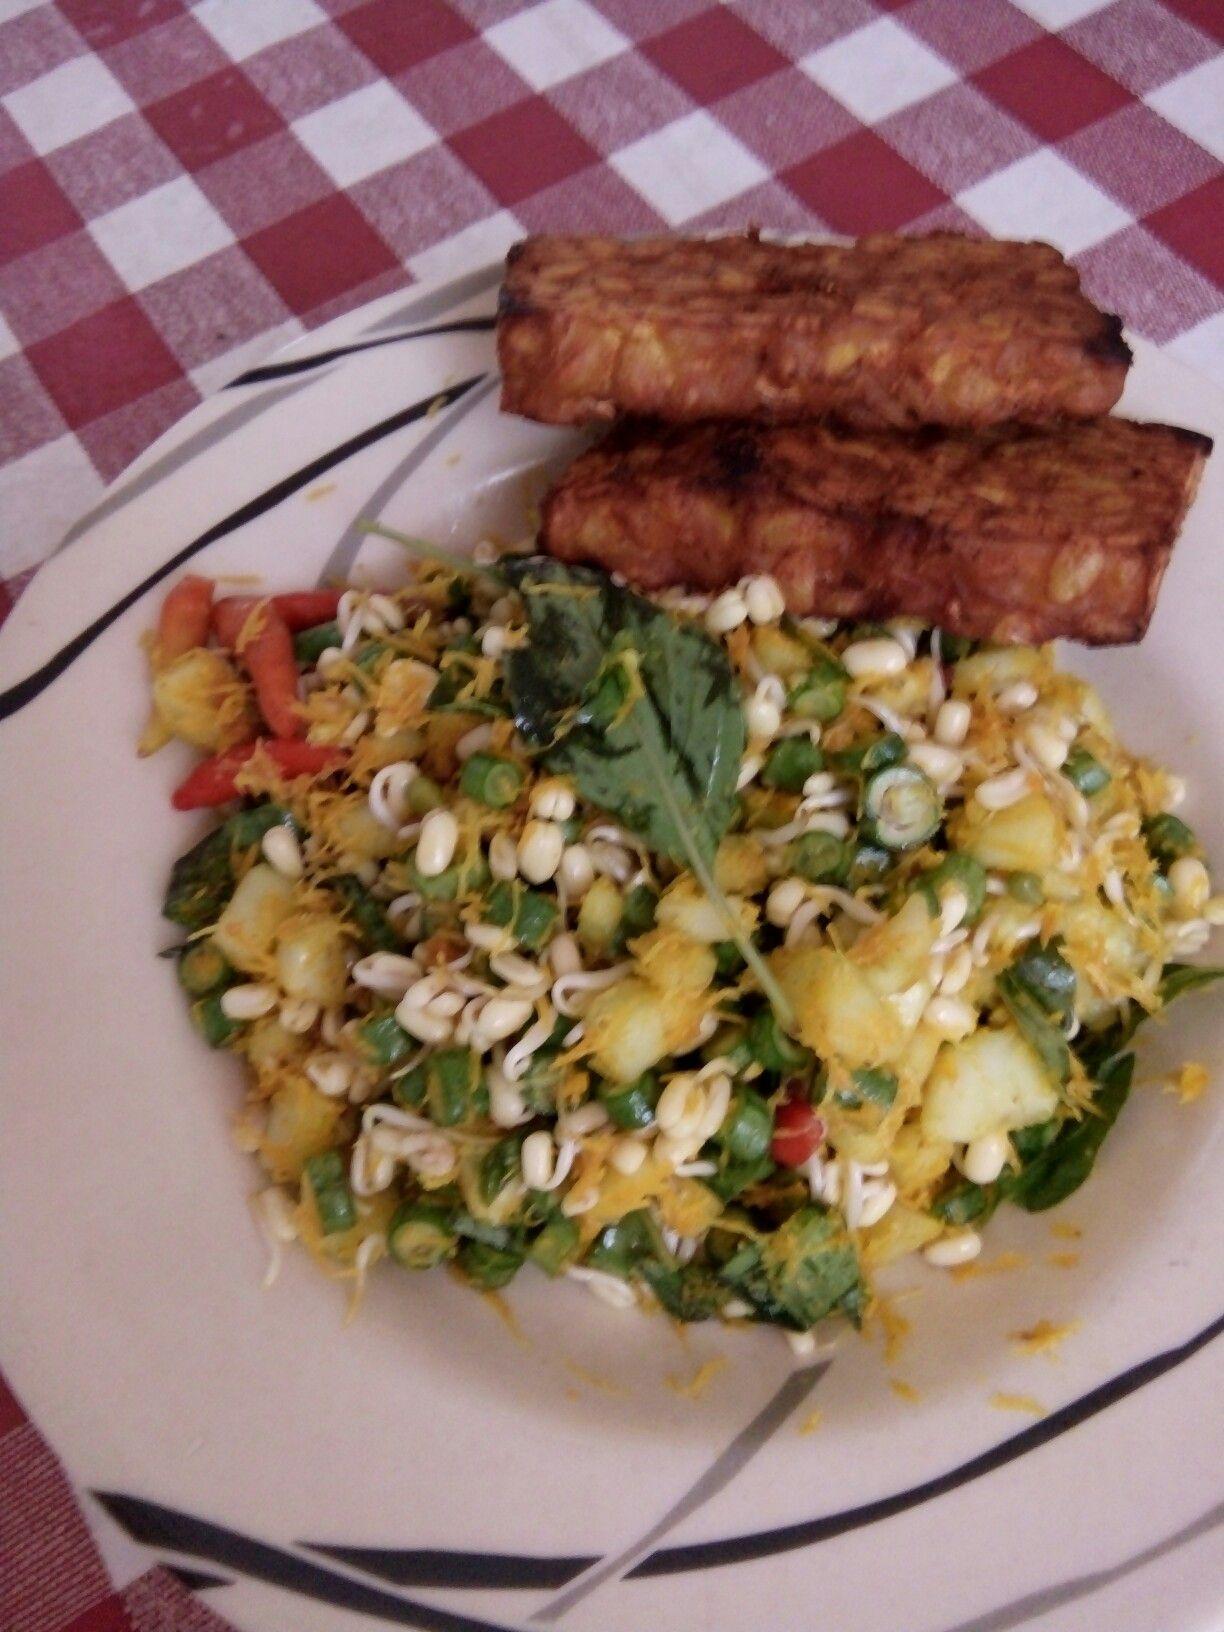 Terancam Urap Urap Sayur Mentah Khas Jawa Timur Sayuran Aneka Kue Kue